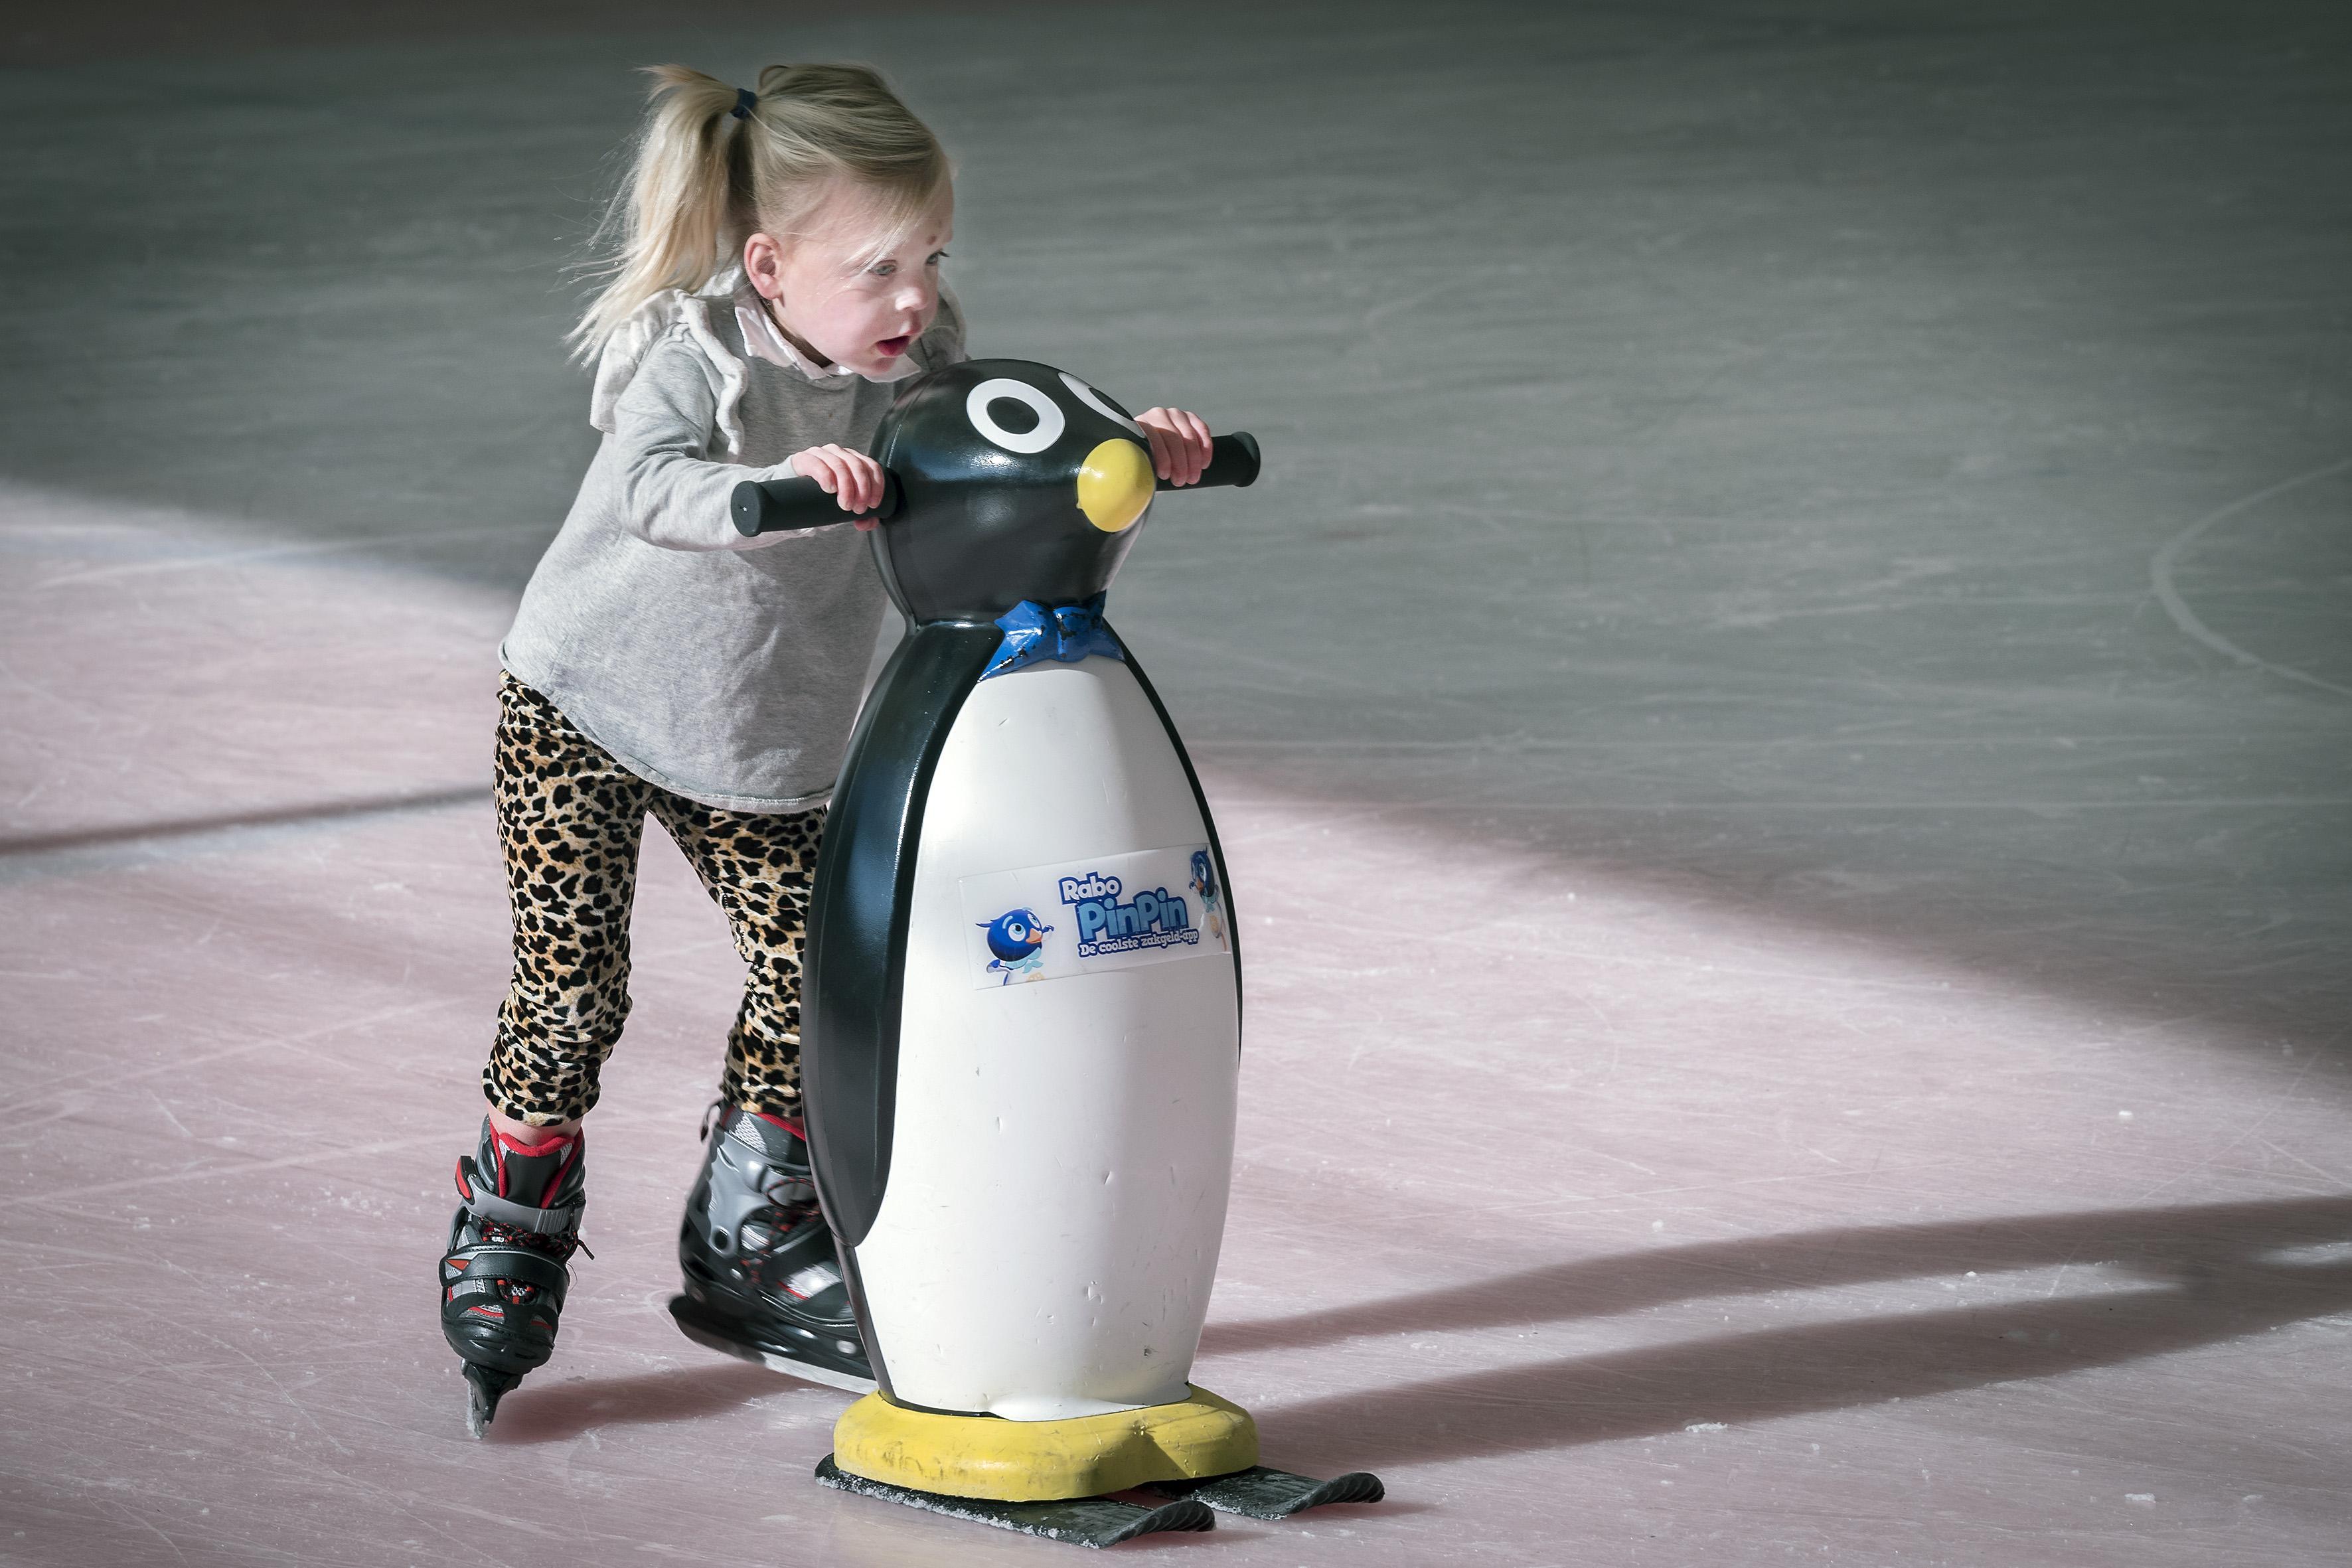 In de zomer schaatsen op Haarlemse ijsbaan: Geen grap maar een serieus plan. Het duurzaamheidsloket zet vraagtekens